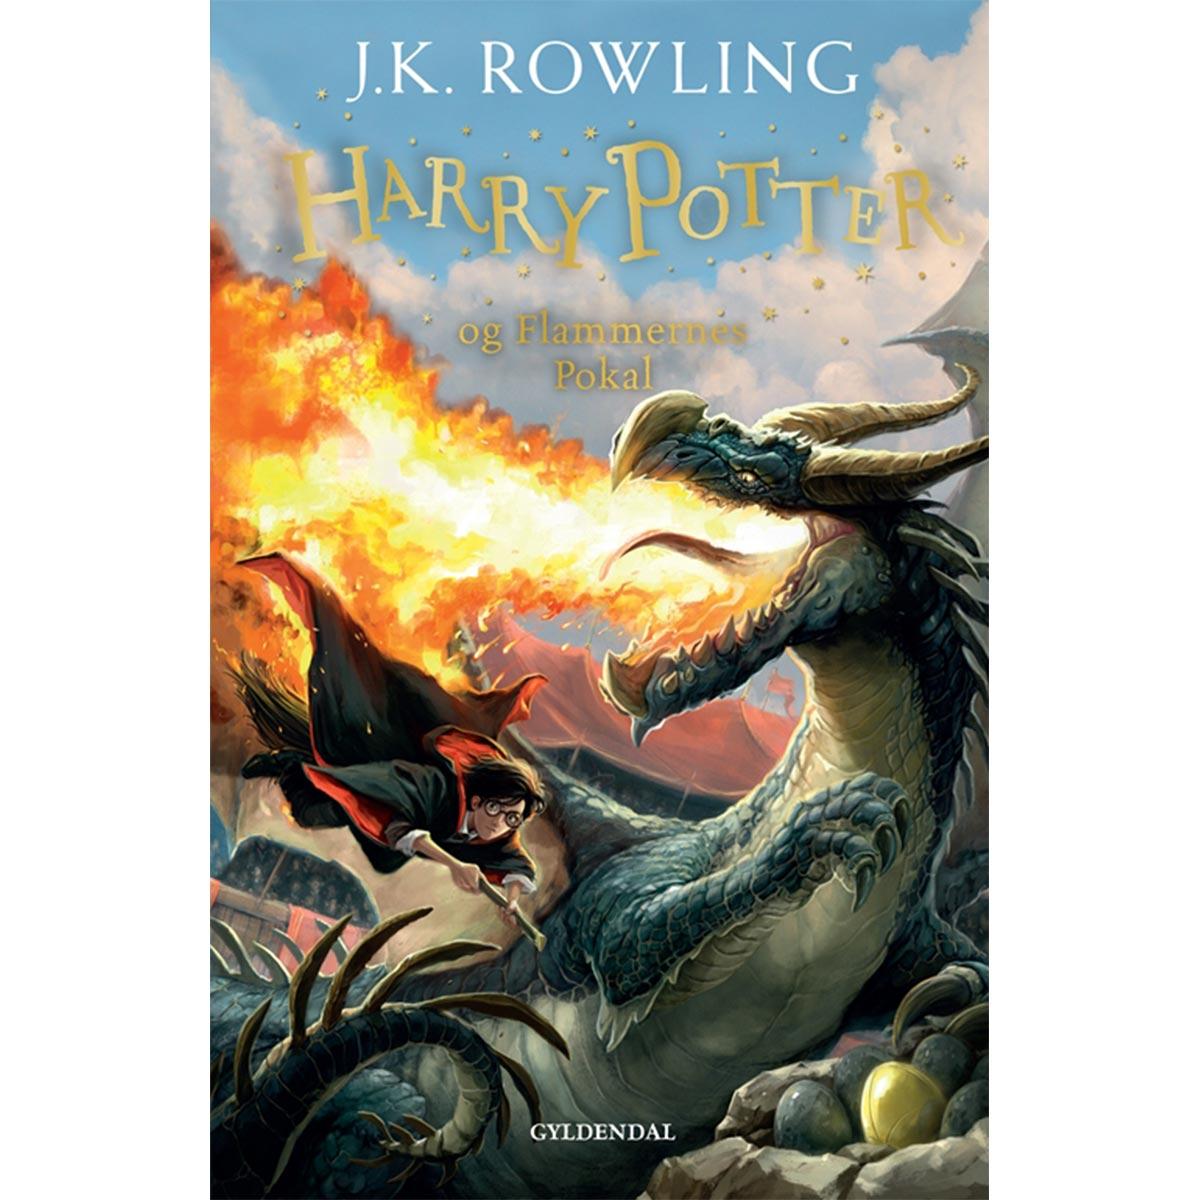 Harry Potter og Flammernes Pokal - Harry Potter 4 - Indbundet